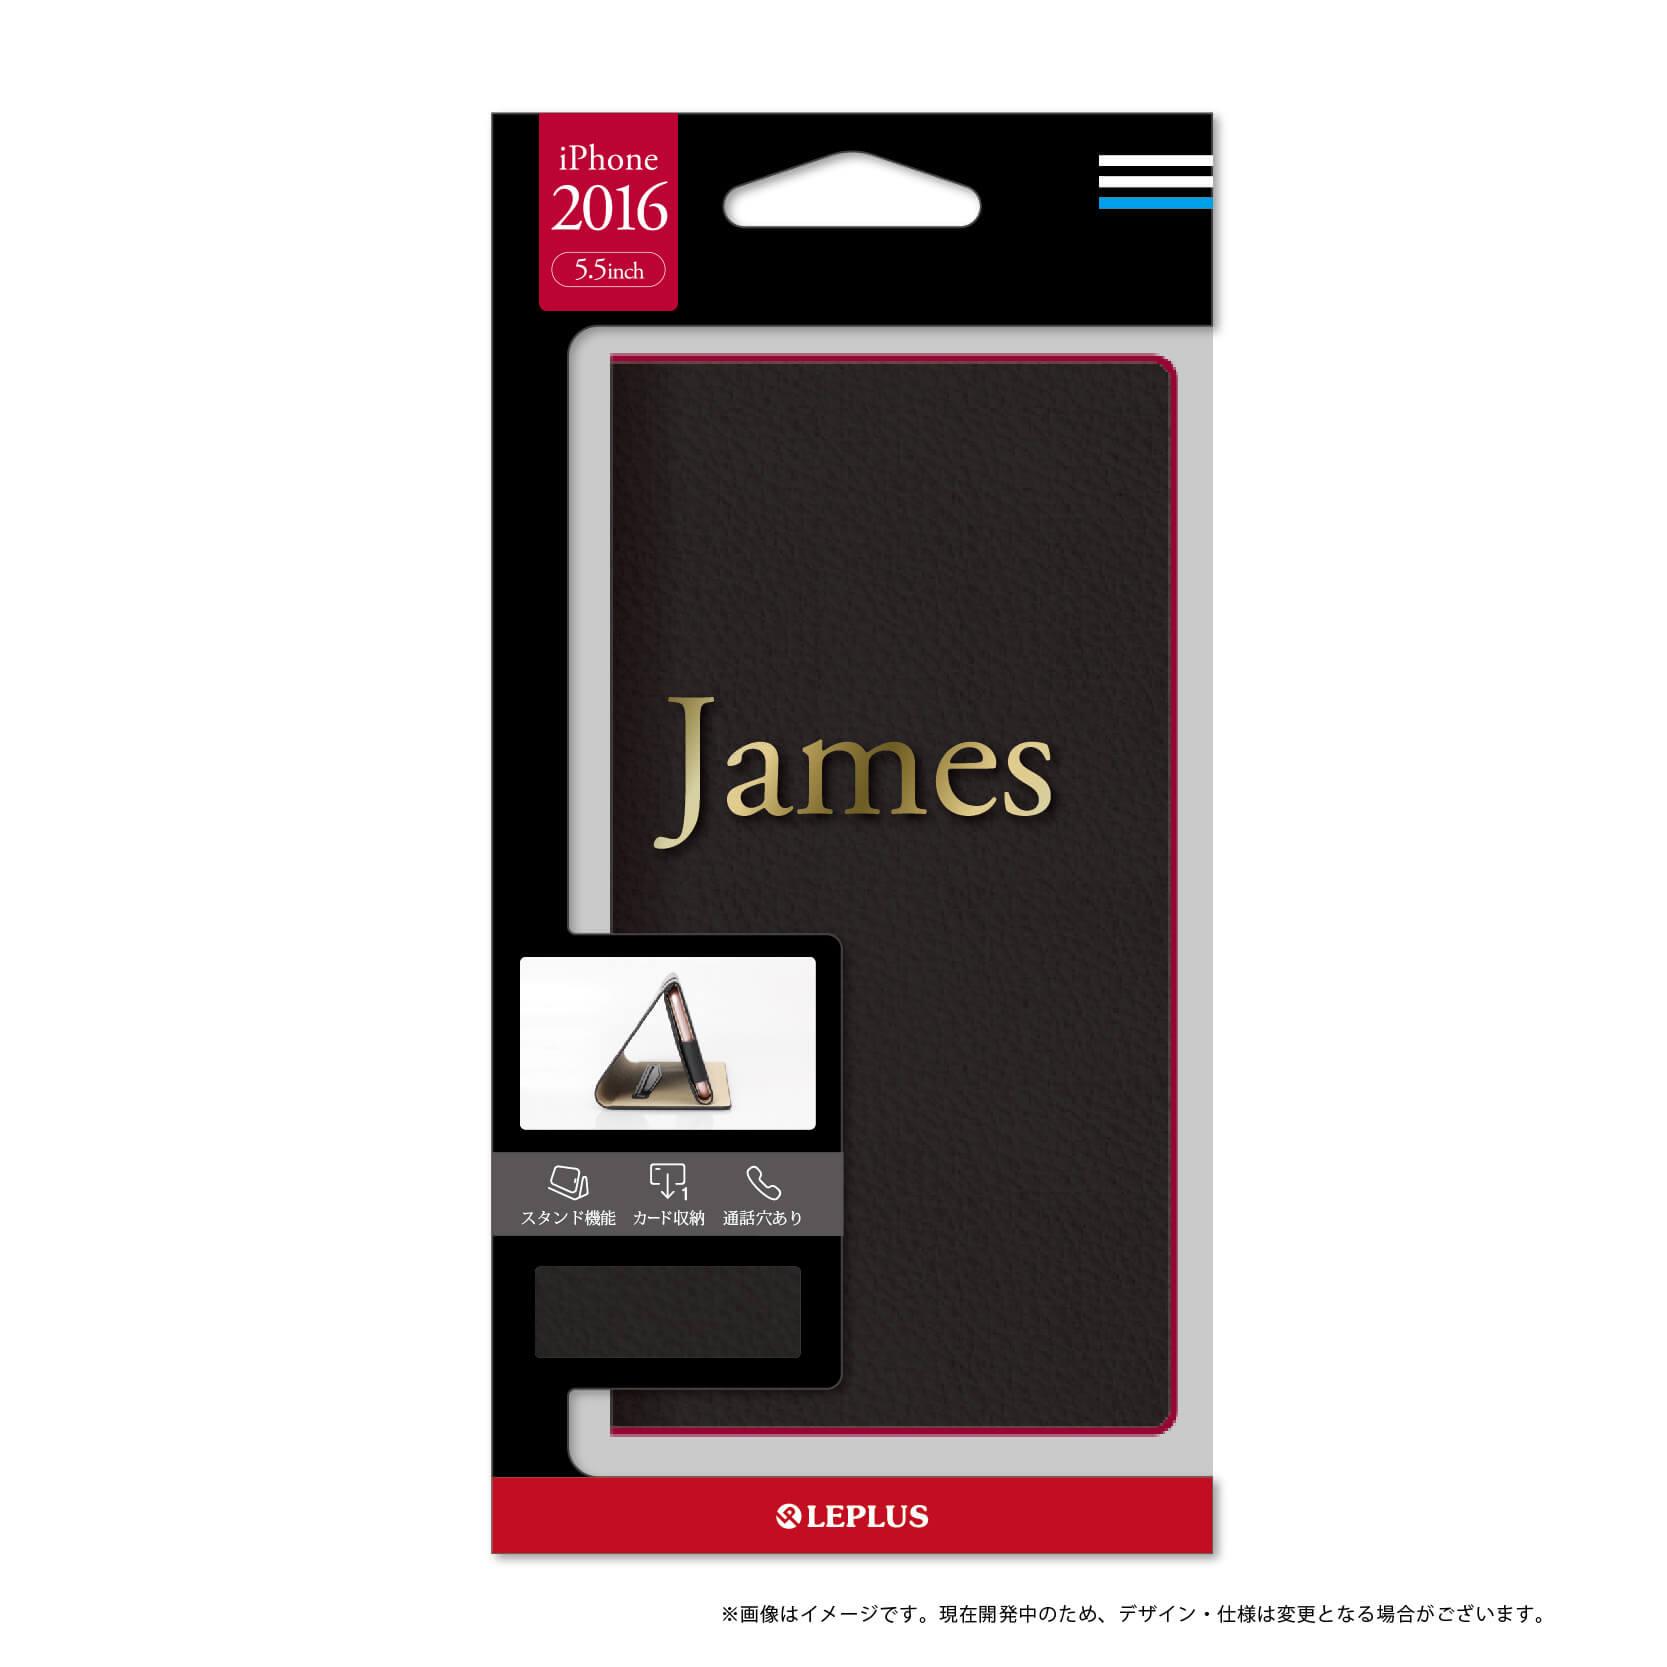 iPhone7 Plus 一枚革PUレザーケース「James」 ブラック